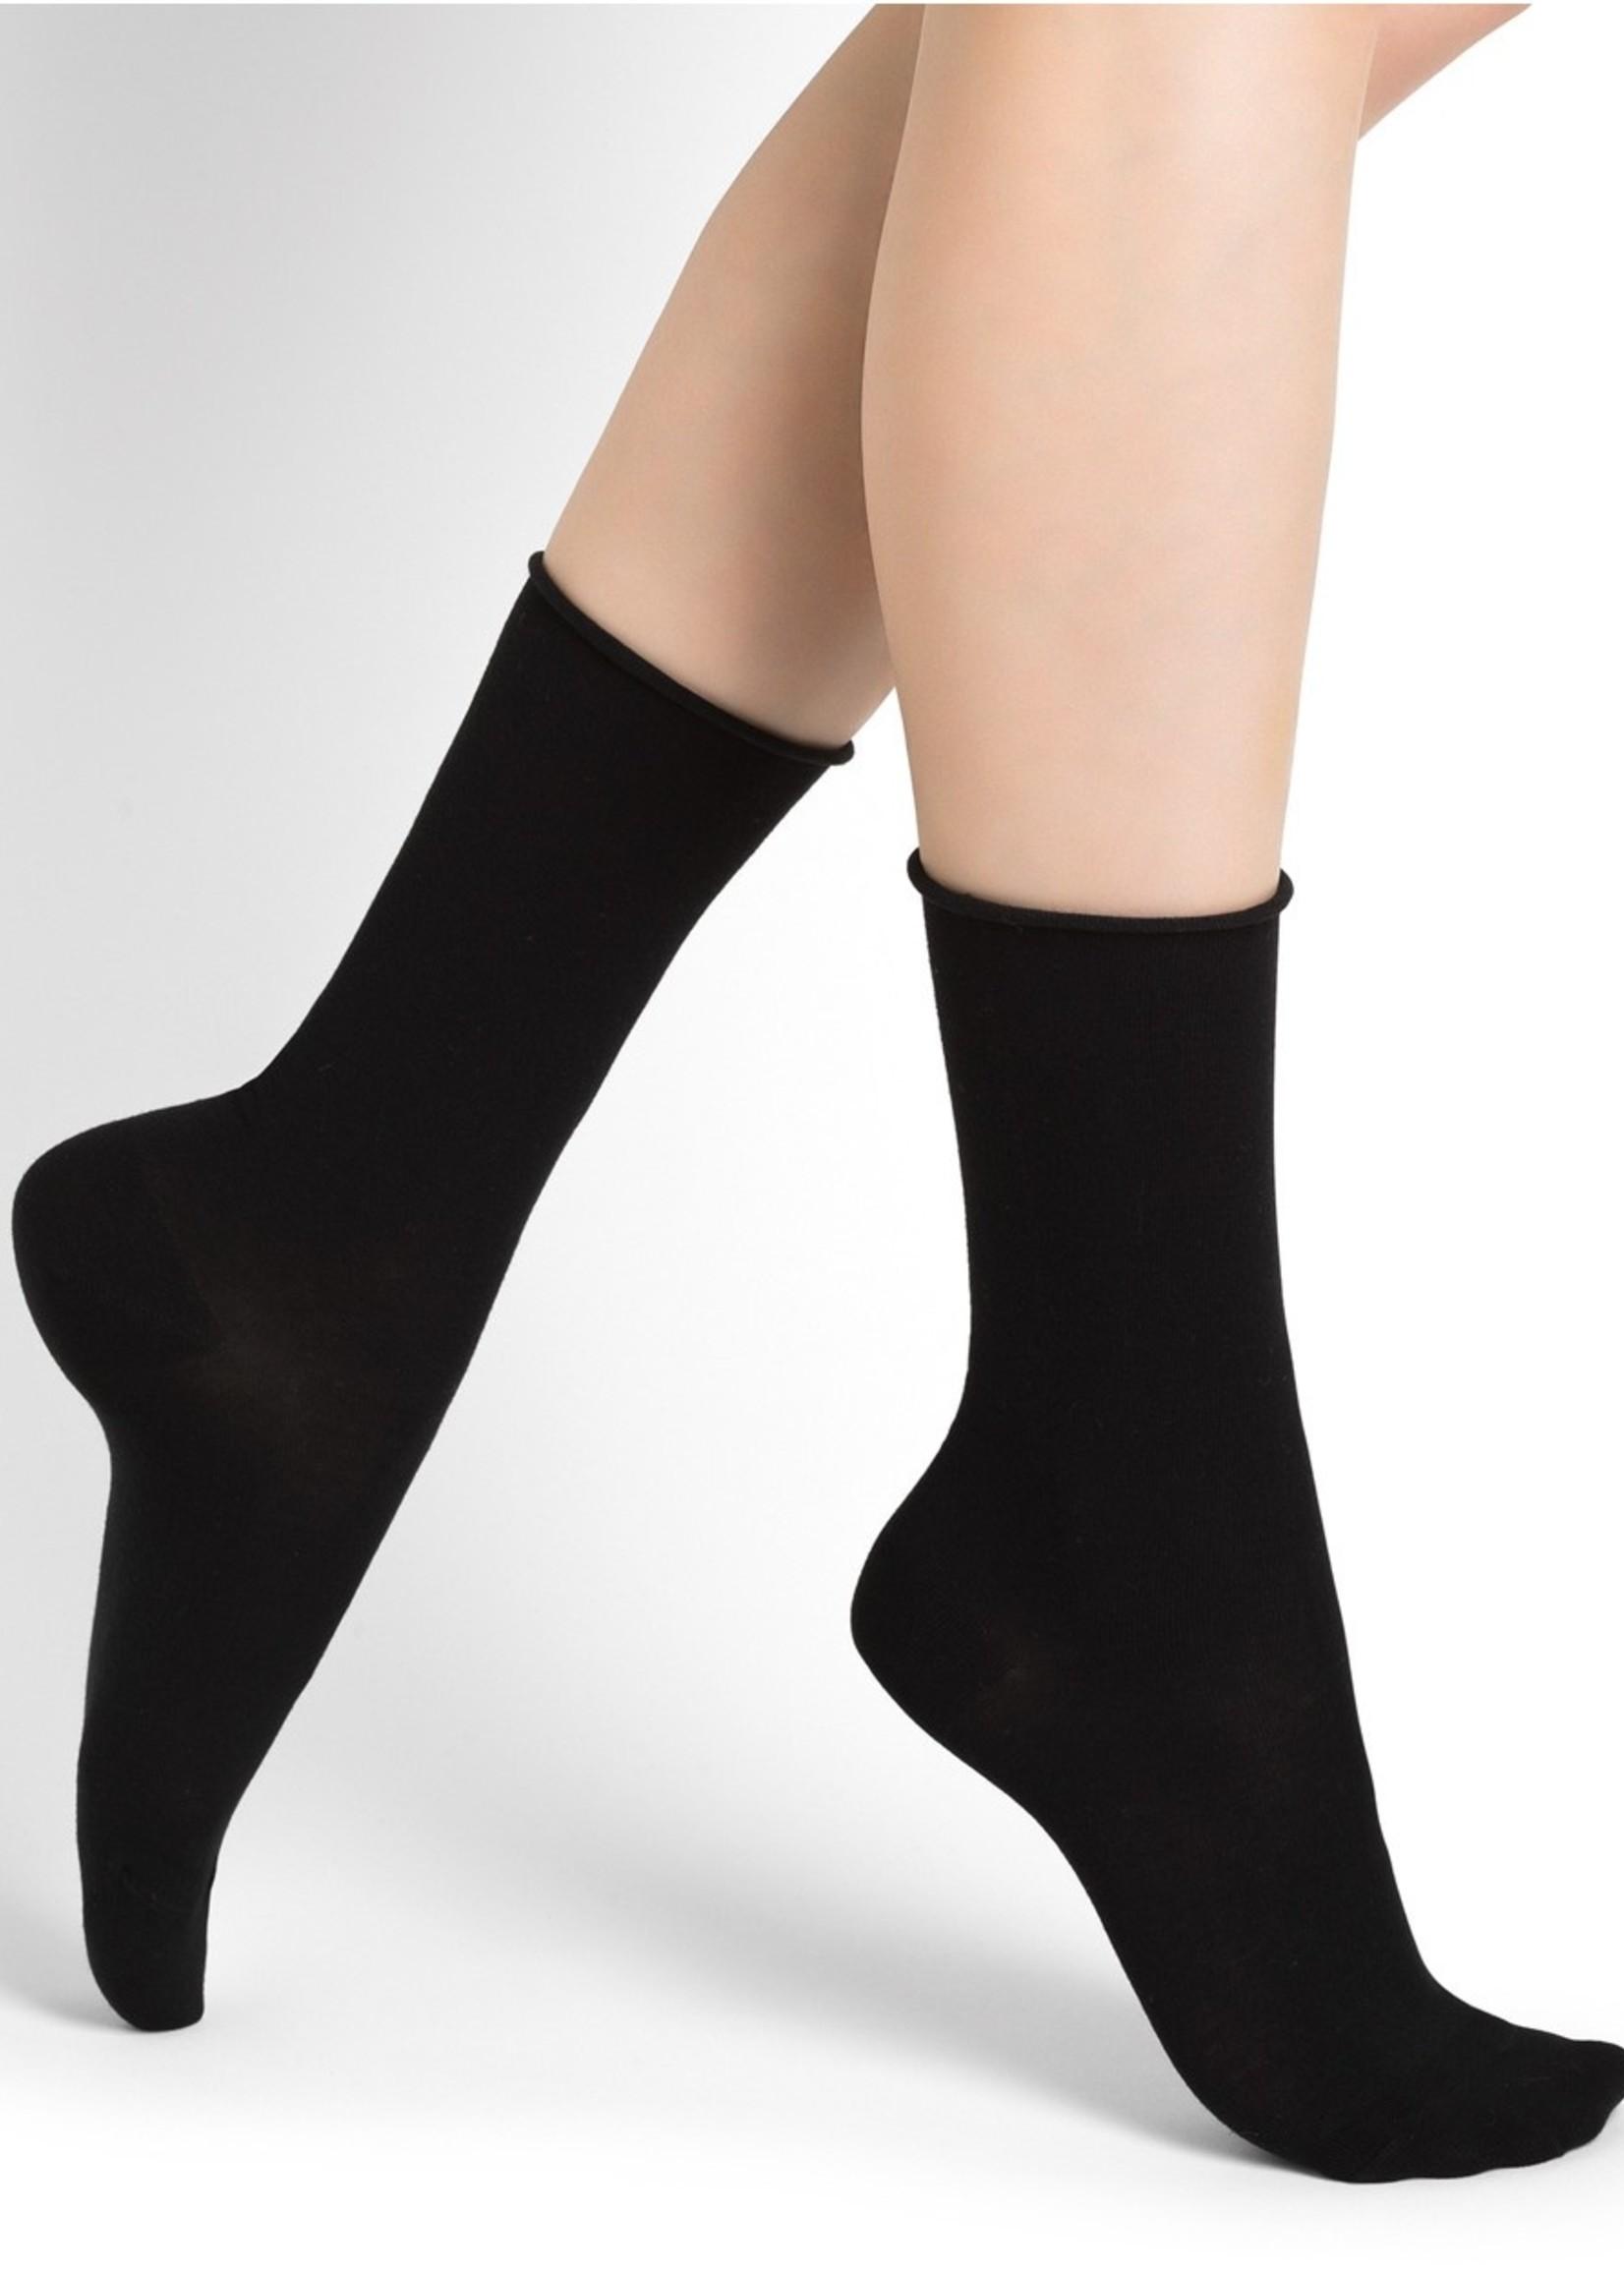 Bleuforet Velvet Cotton Socks